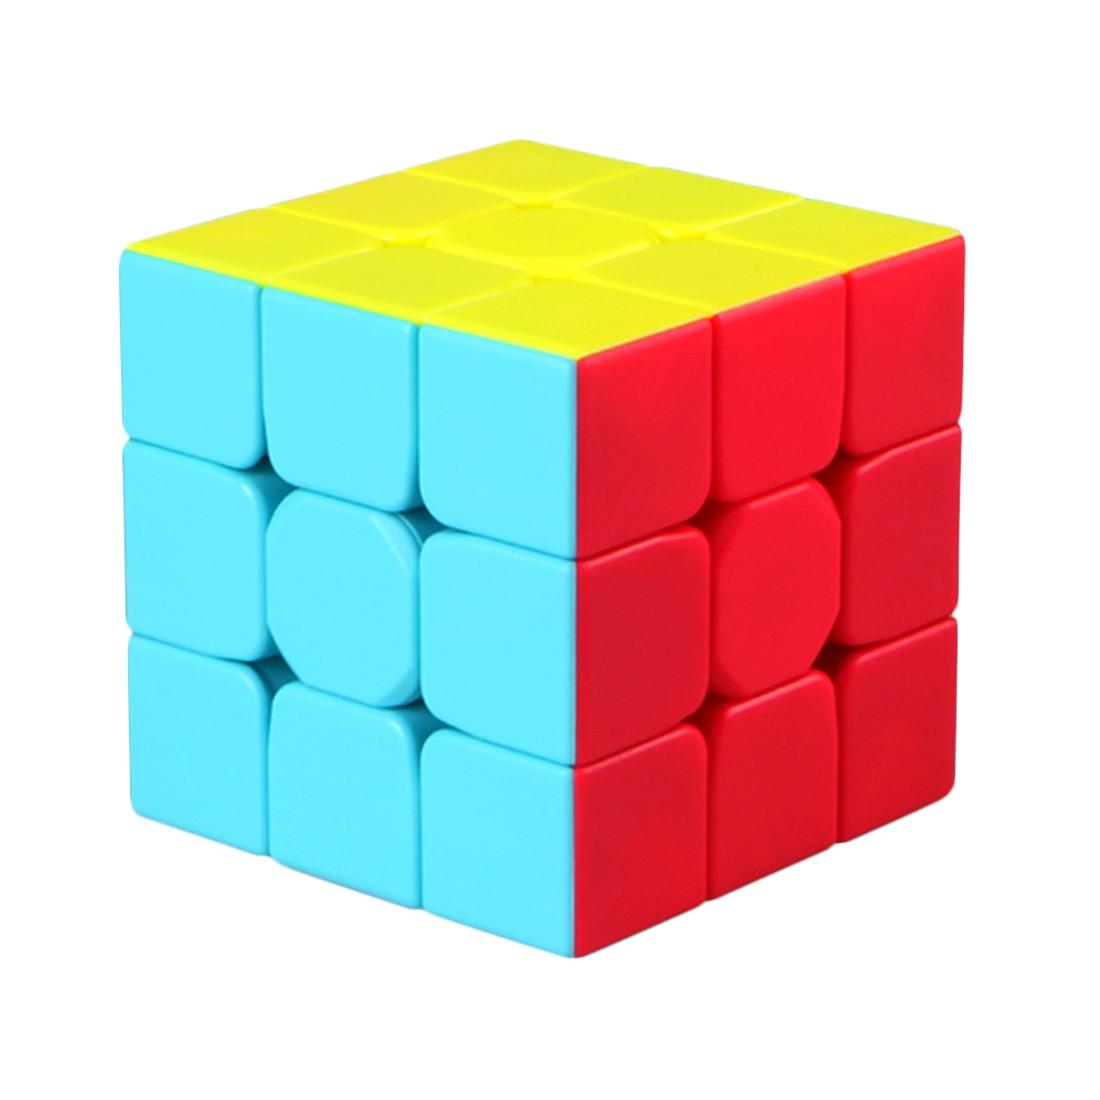 Qiyi Mofangge Warrior W 5,7 см 3*3*3 Speedcube яркая цветовая схема, детский маленький подарок, 2019